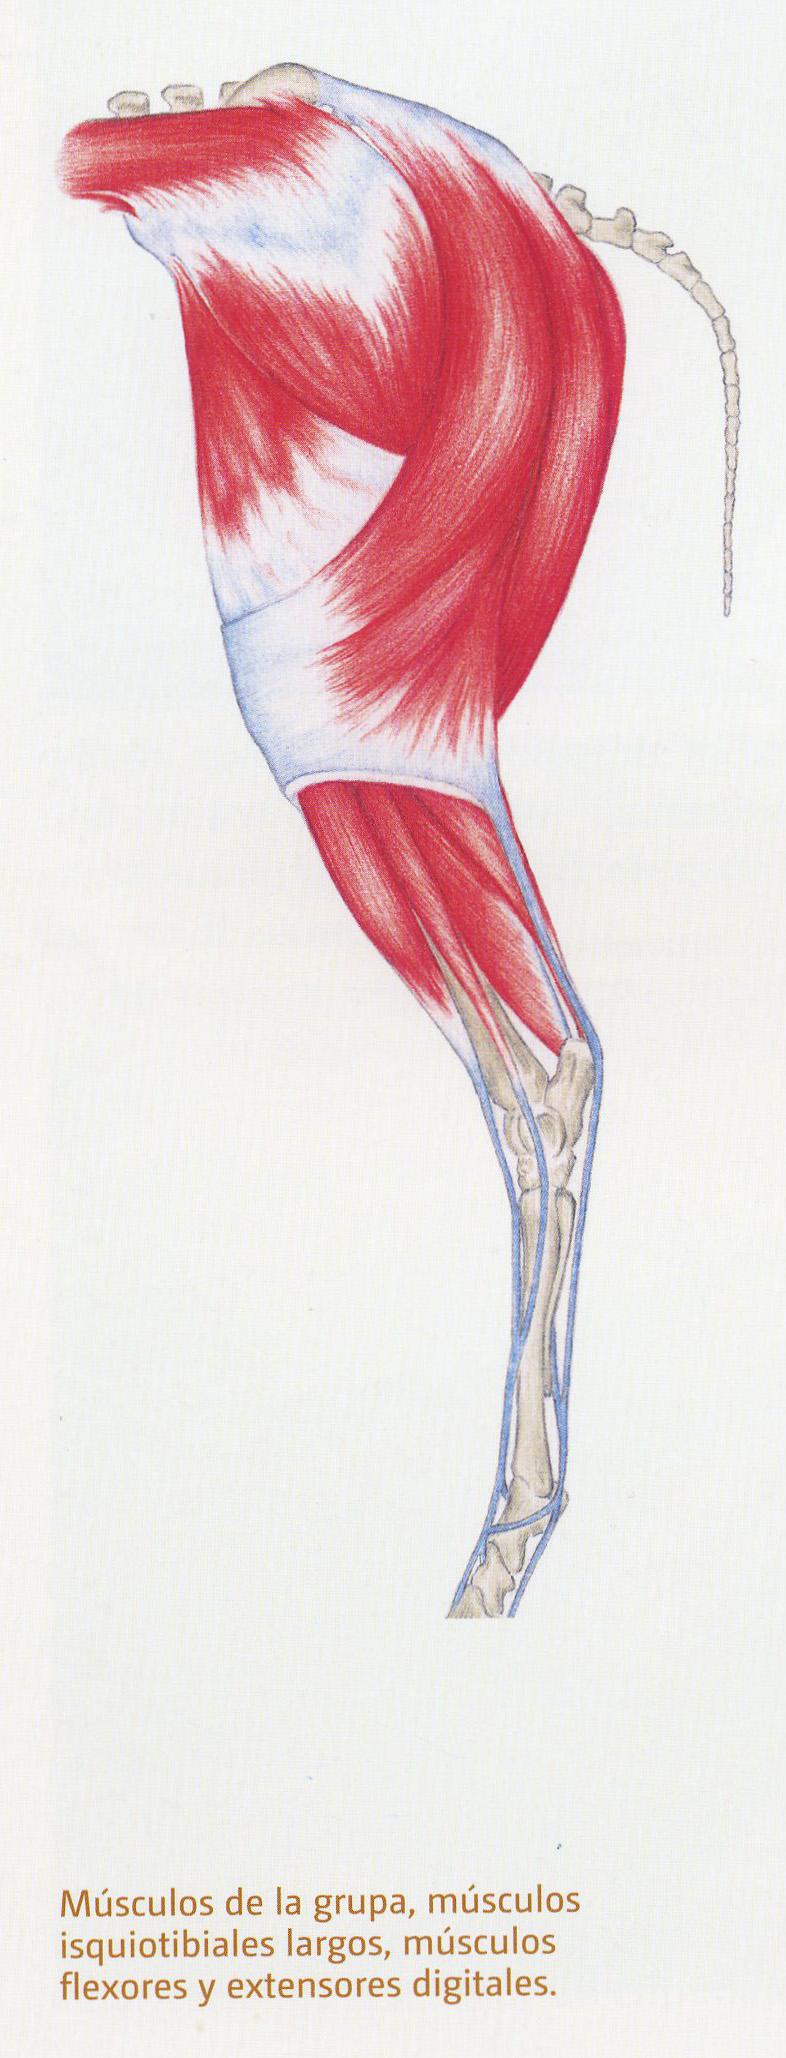 Músculos de la grupa